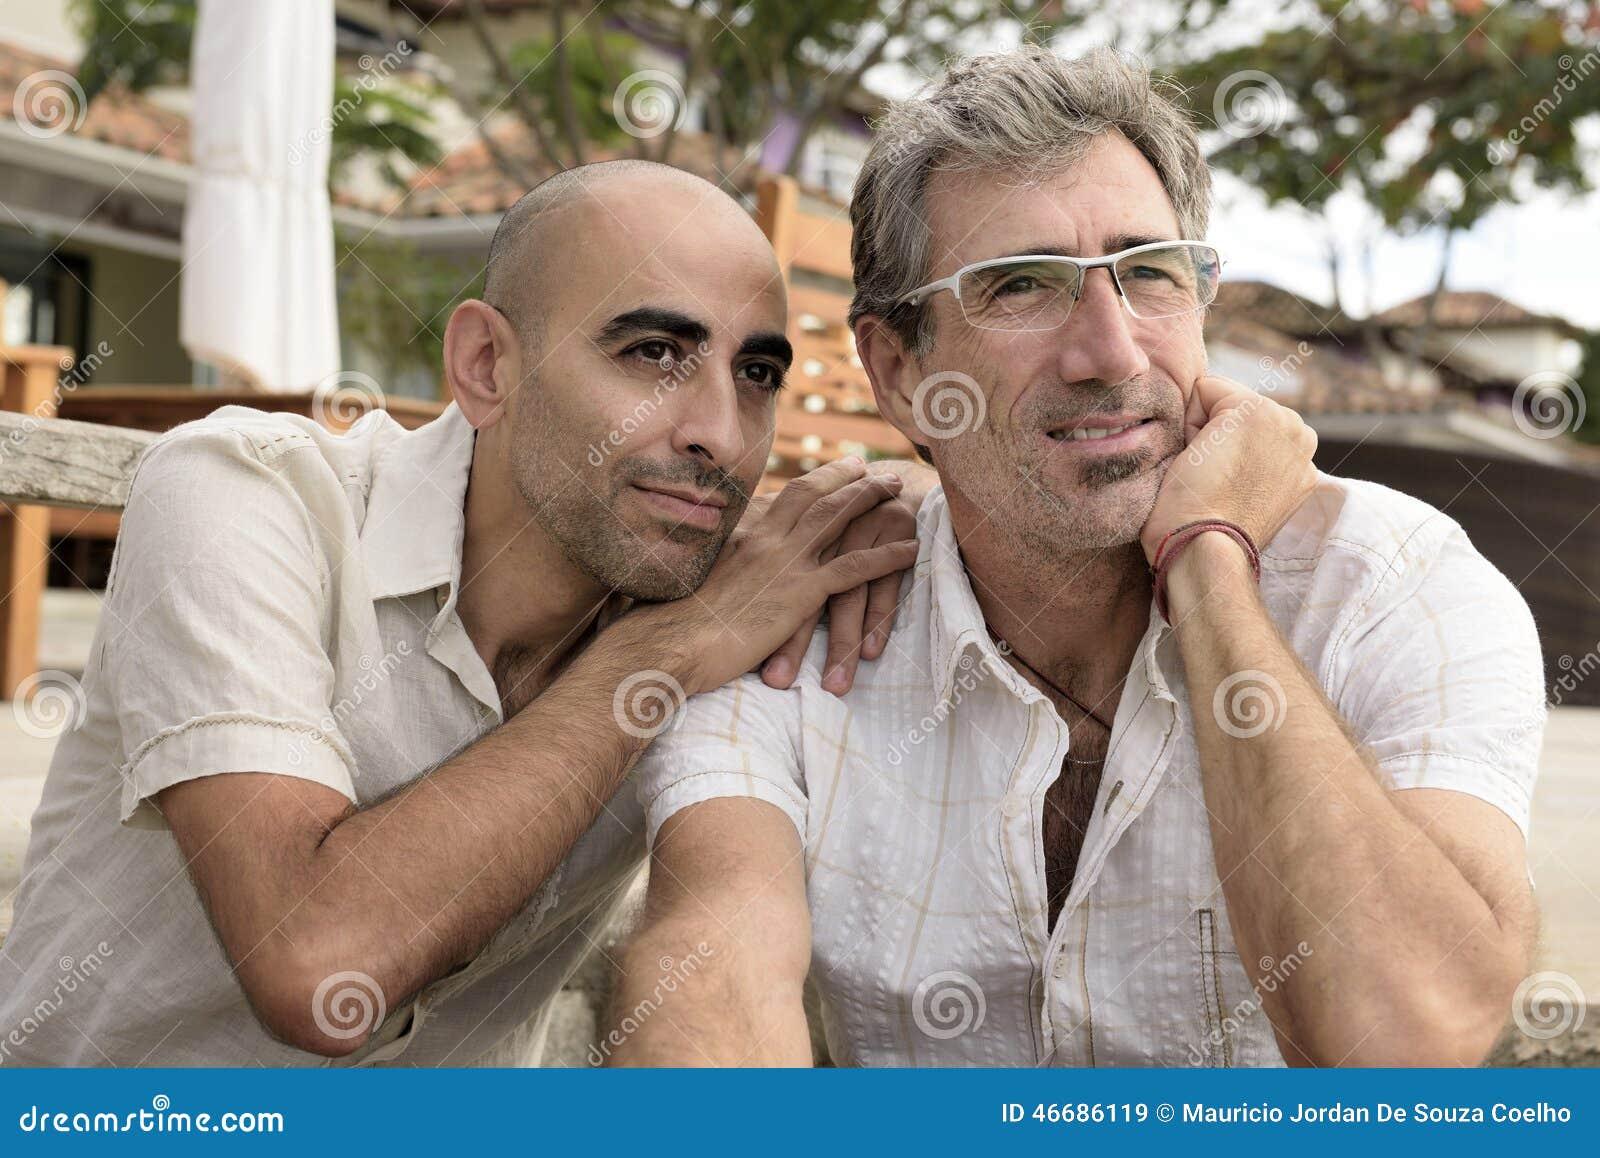 Ritratto di una coppia gay